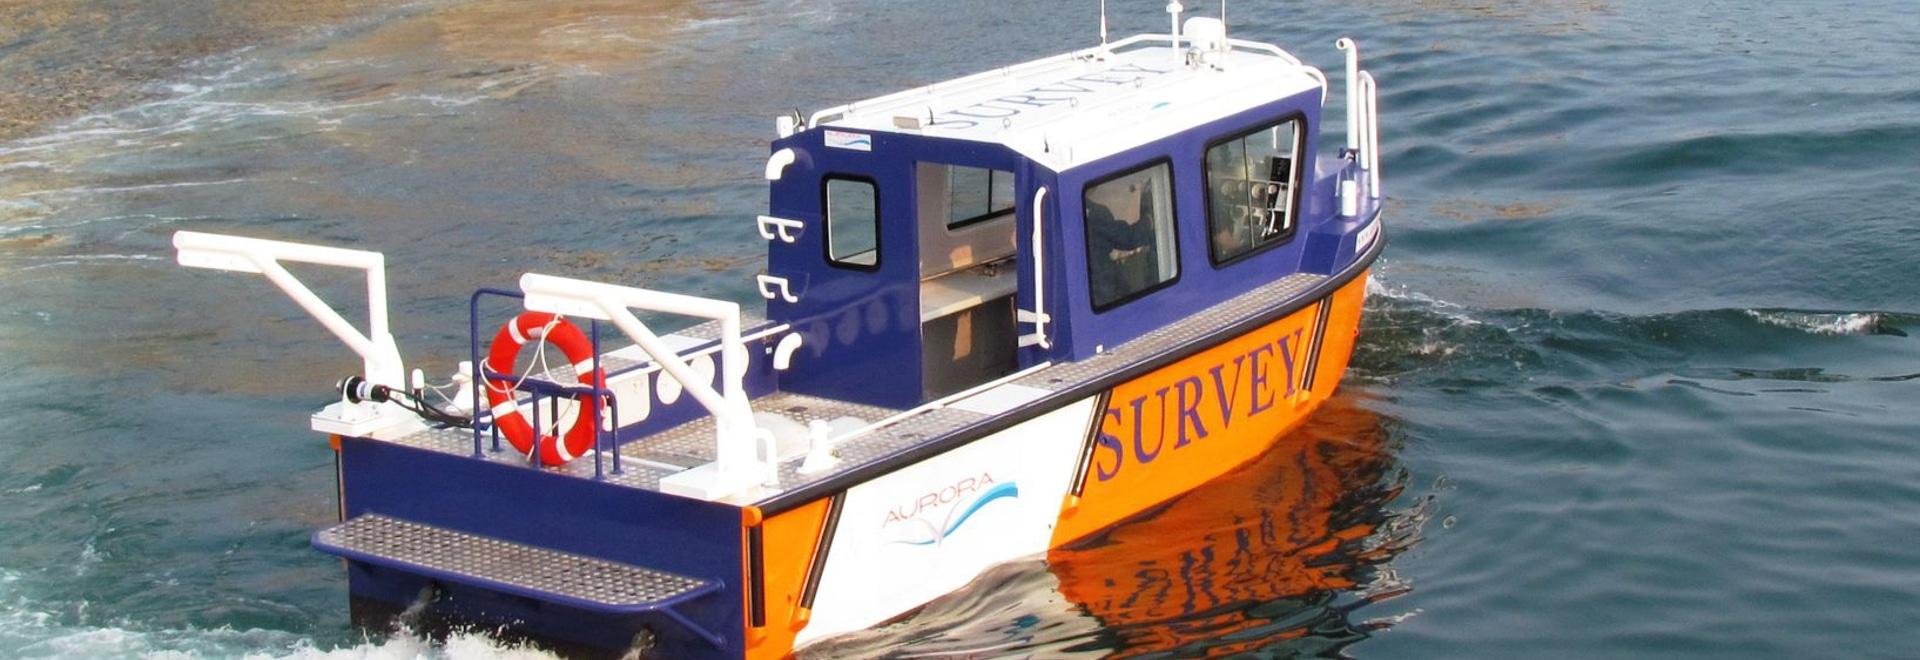 NOUVEAUTÉ : bateau d'étude hydrographique by aurora (dalian) yachts co ltd